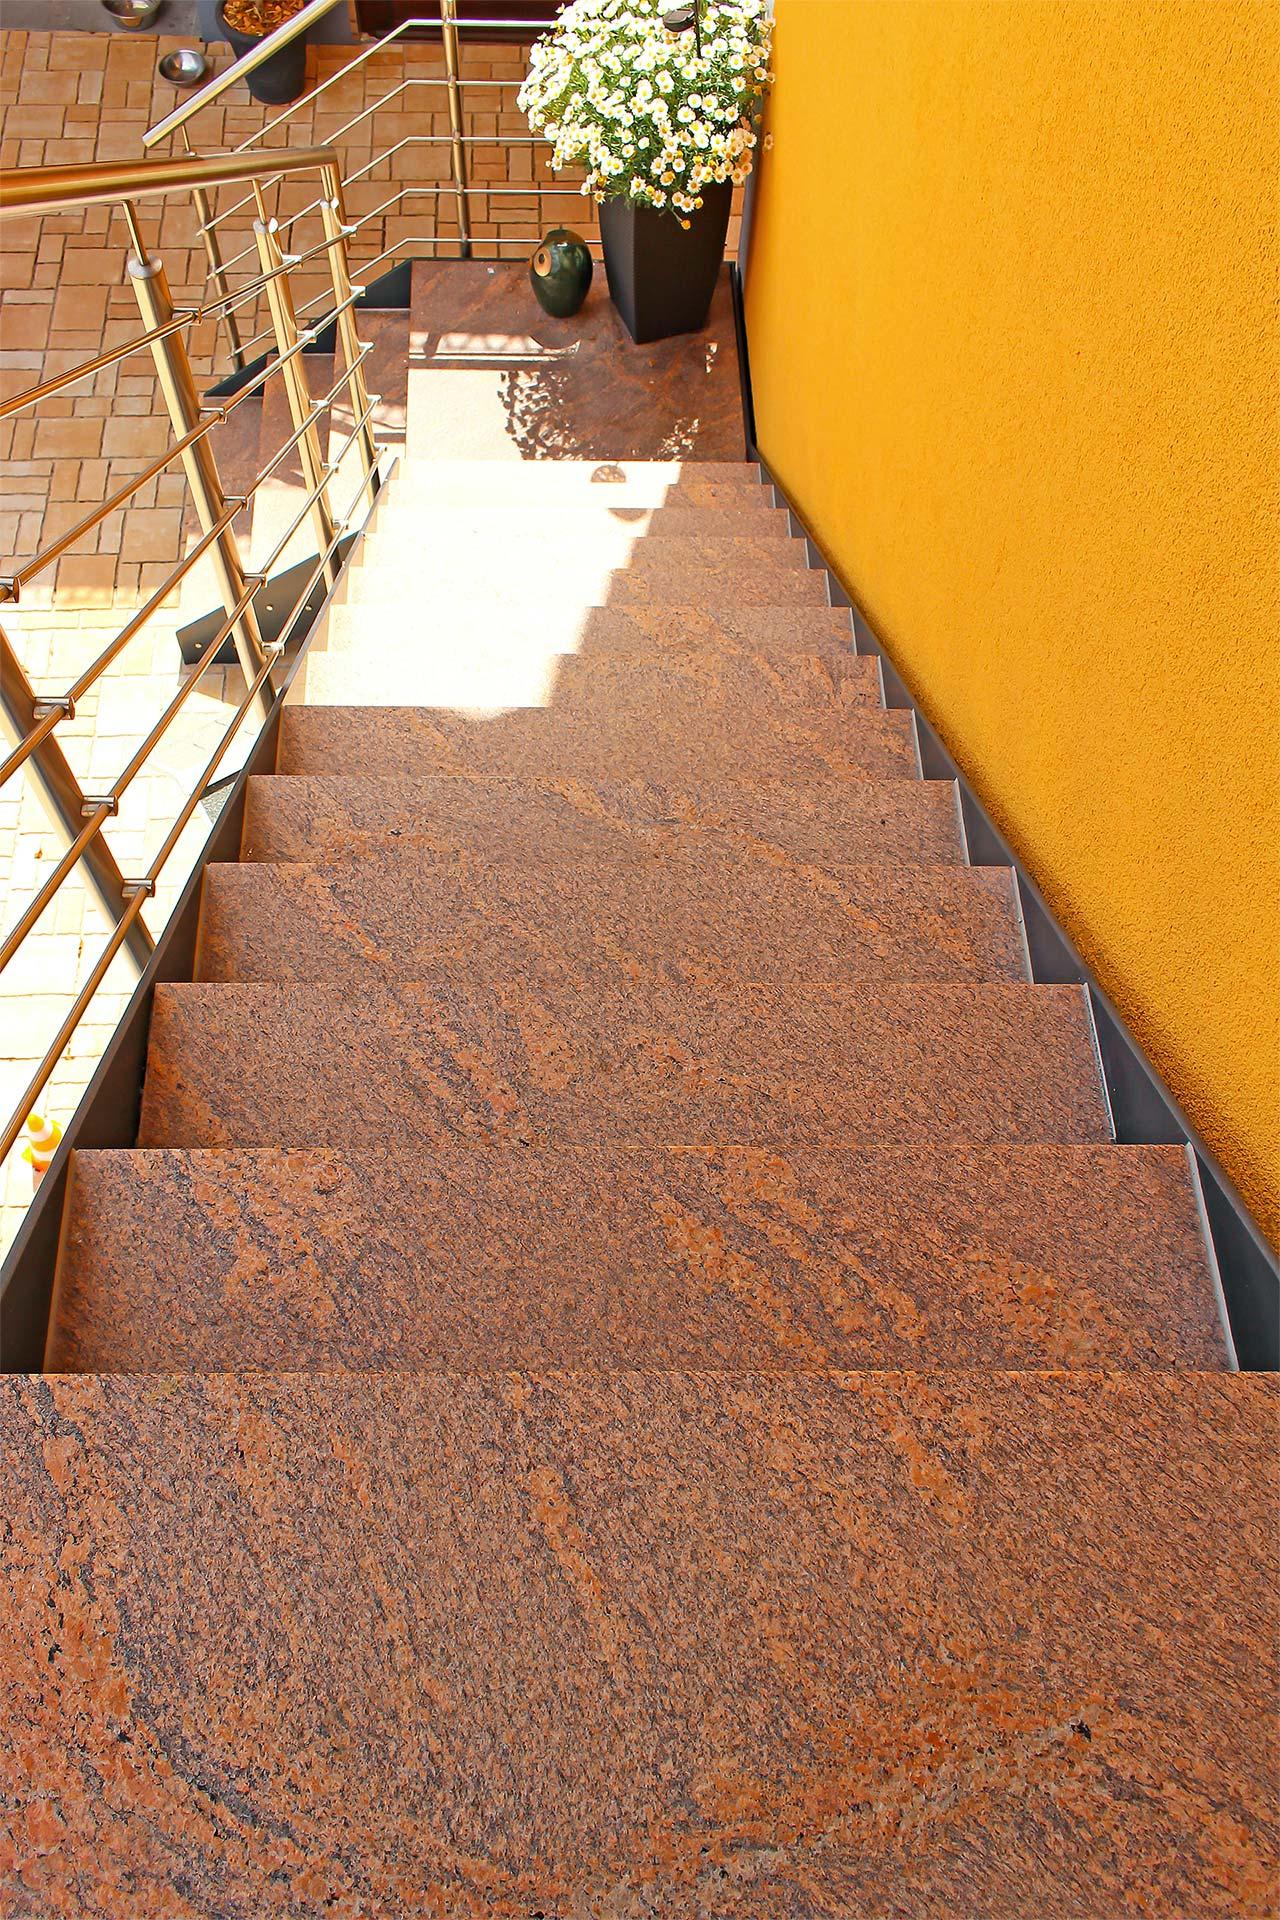 Natursteintreppe im Außenbereich eines Wohnhauses